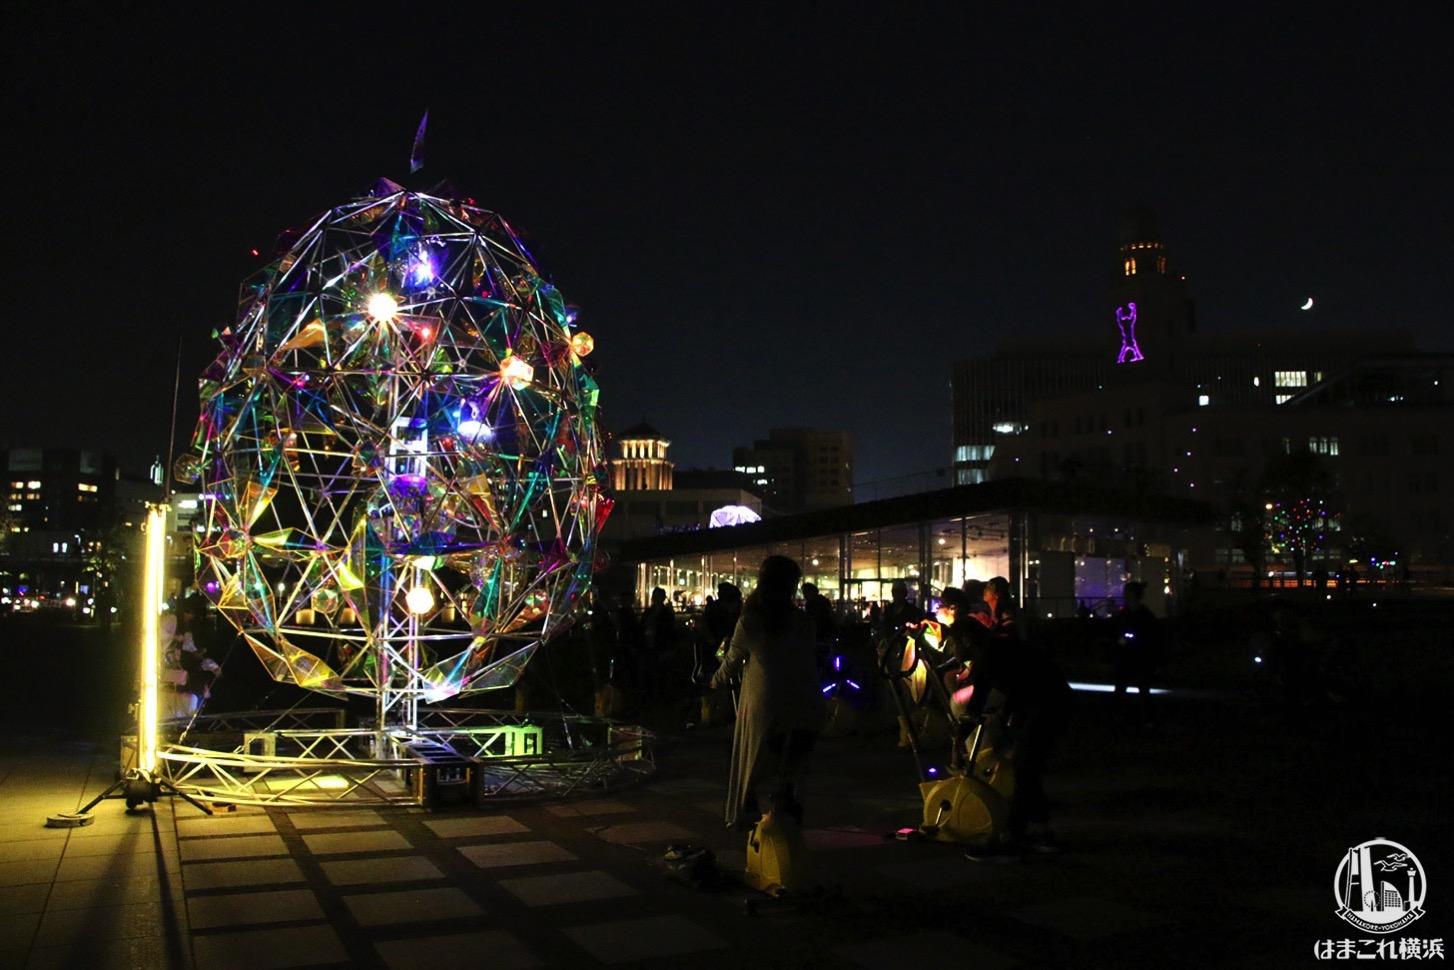 スマートイルミネーション横浜2019 レポ!身体を動かして光るたまごや巨大迷路、クイーンも